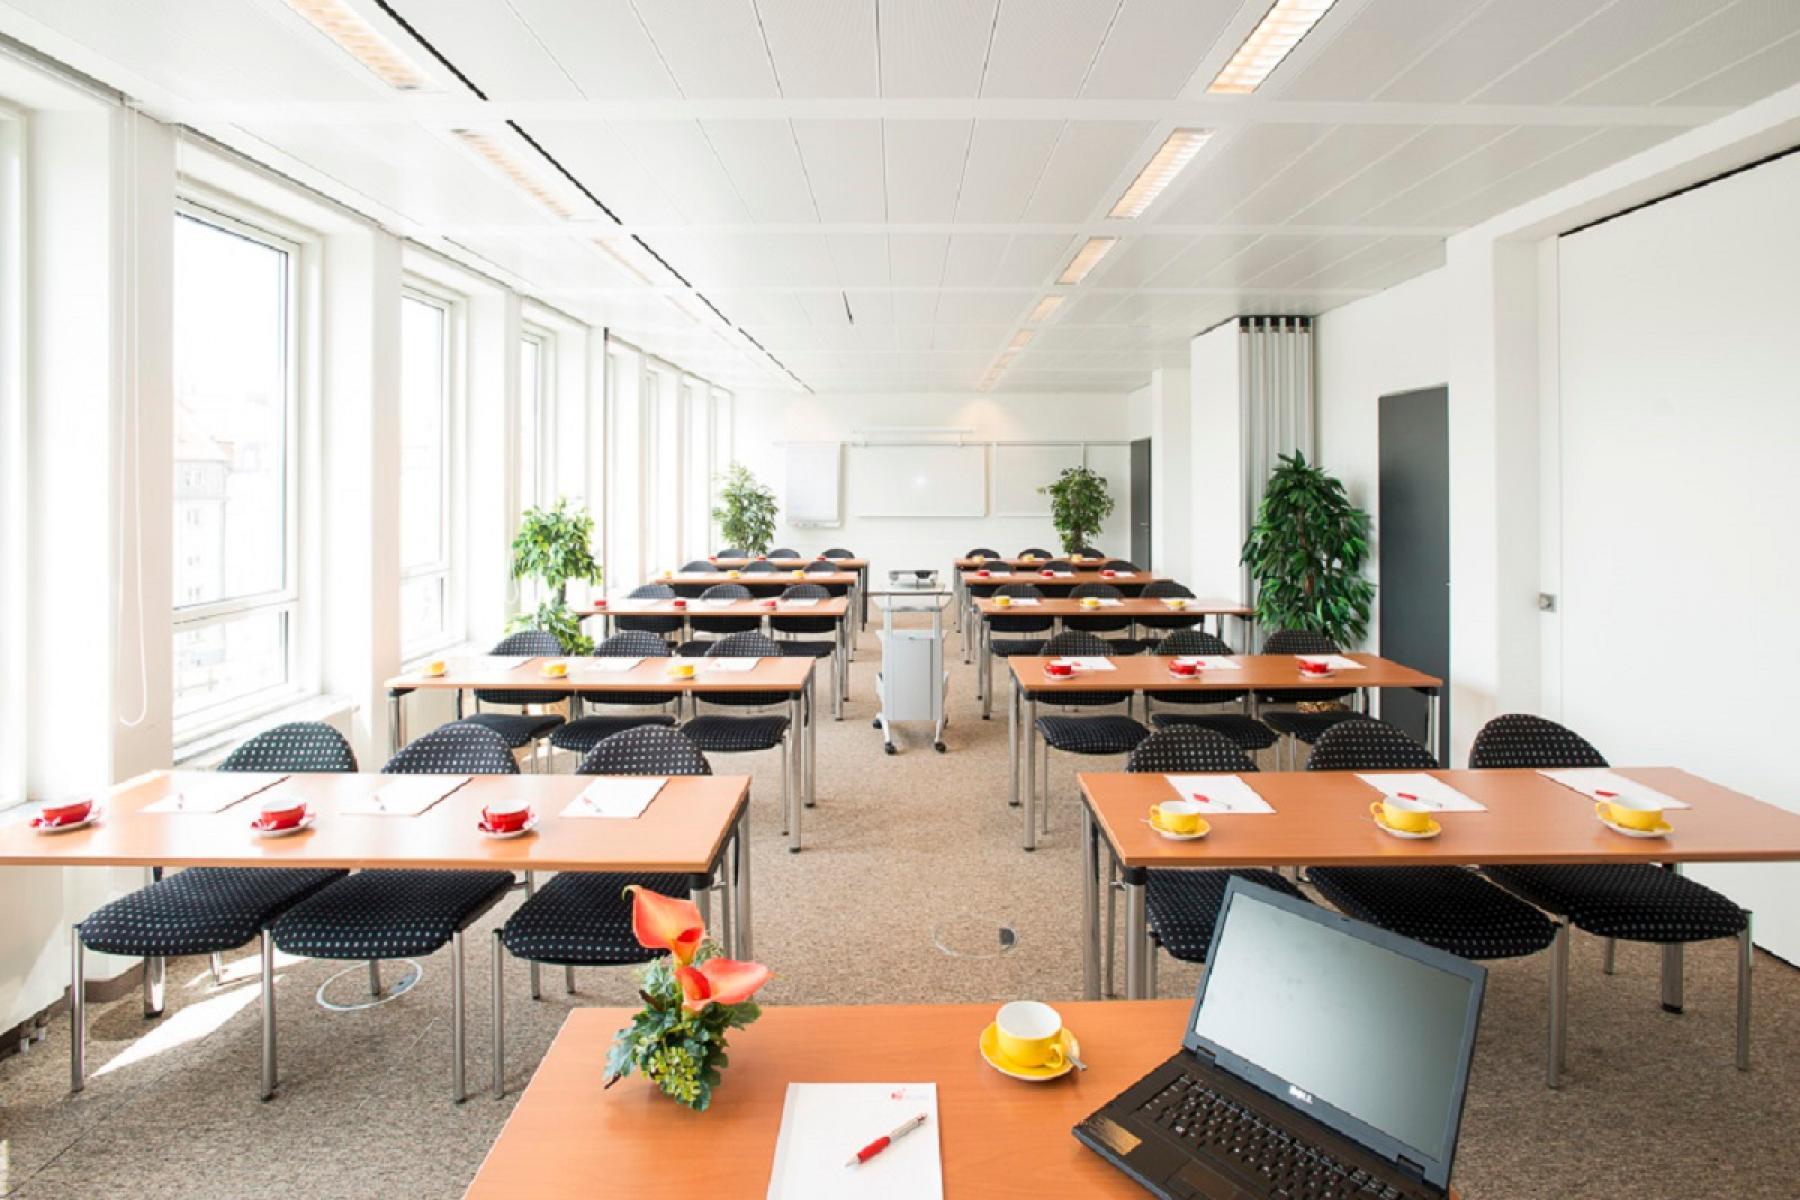 Büro mieten Landshuter Allee 8-10, München (16)